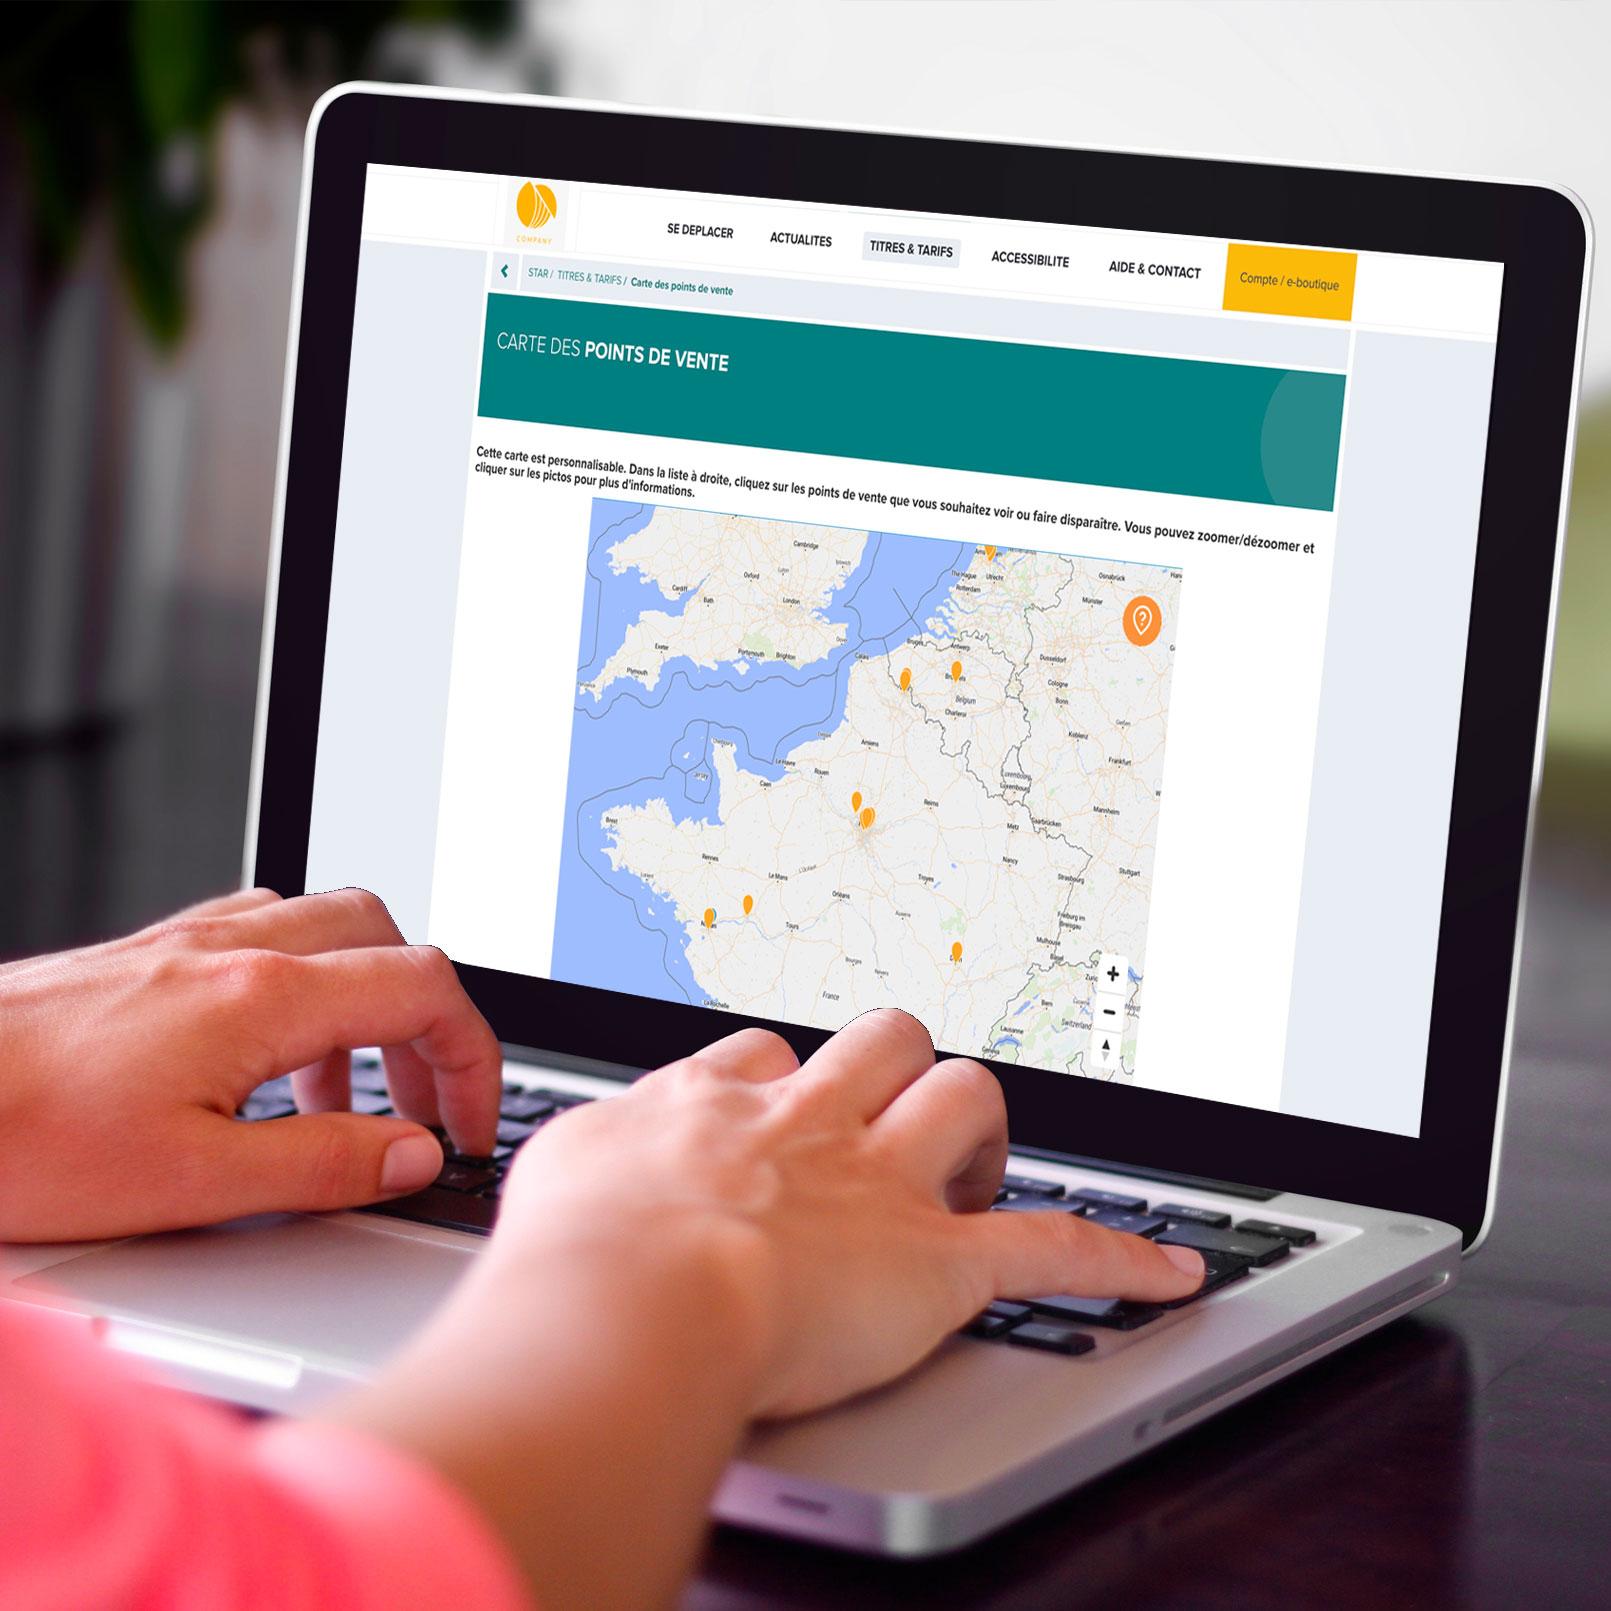 Ecran d'ordinateur affichant un site web où une carte SumWhere présentant plusieurs points d'intérêt sur un territoire est intégrée